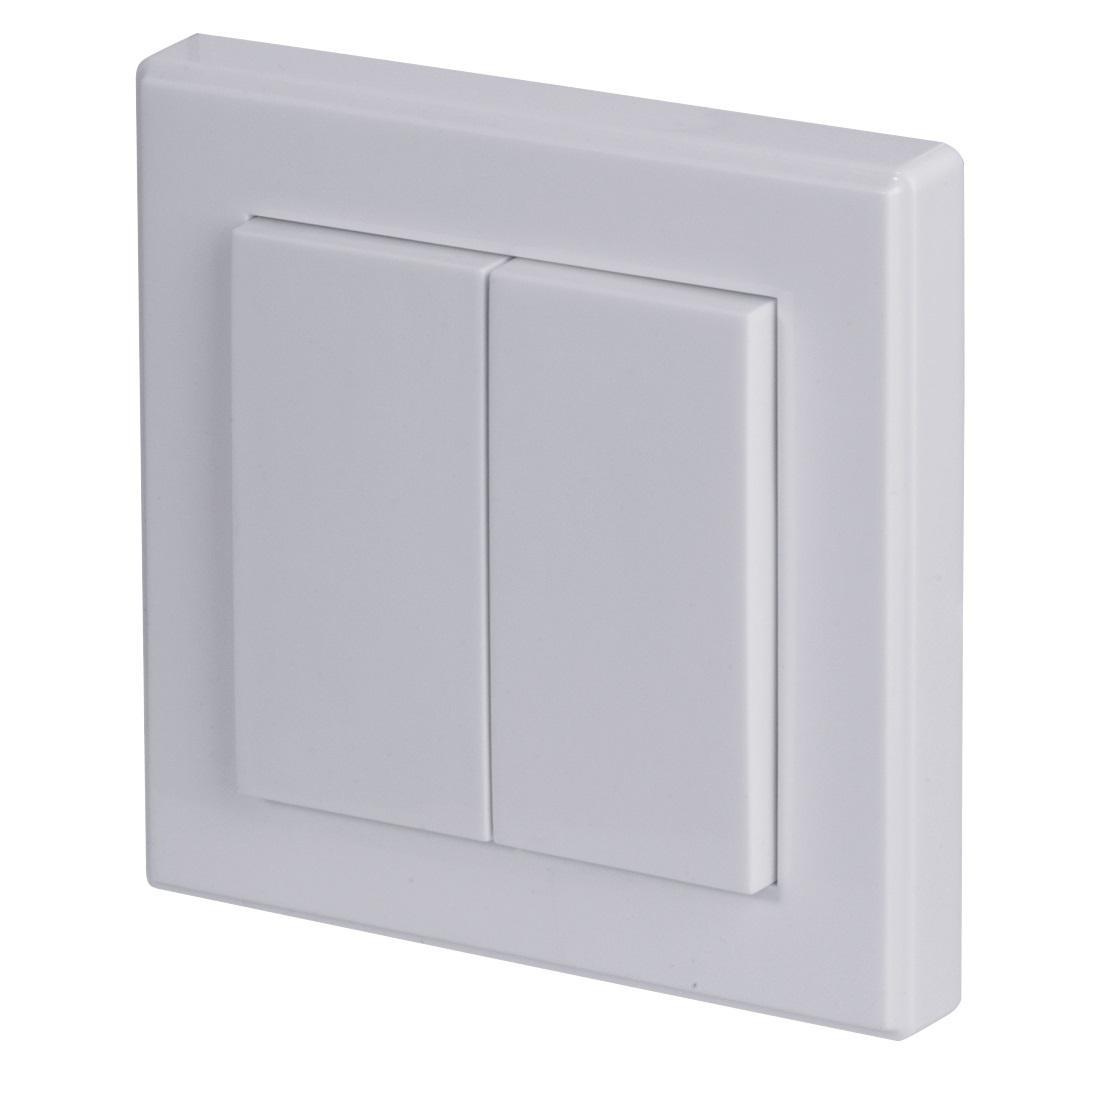 Безжичен ключ за стена HAMA 121958, 2 канала